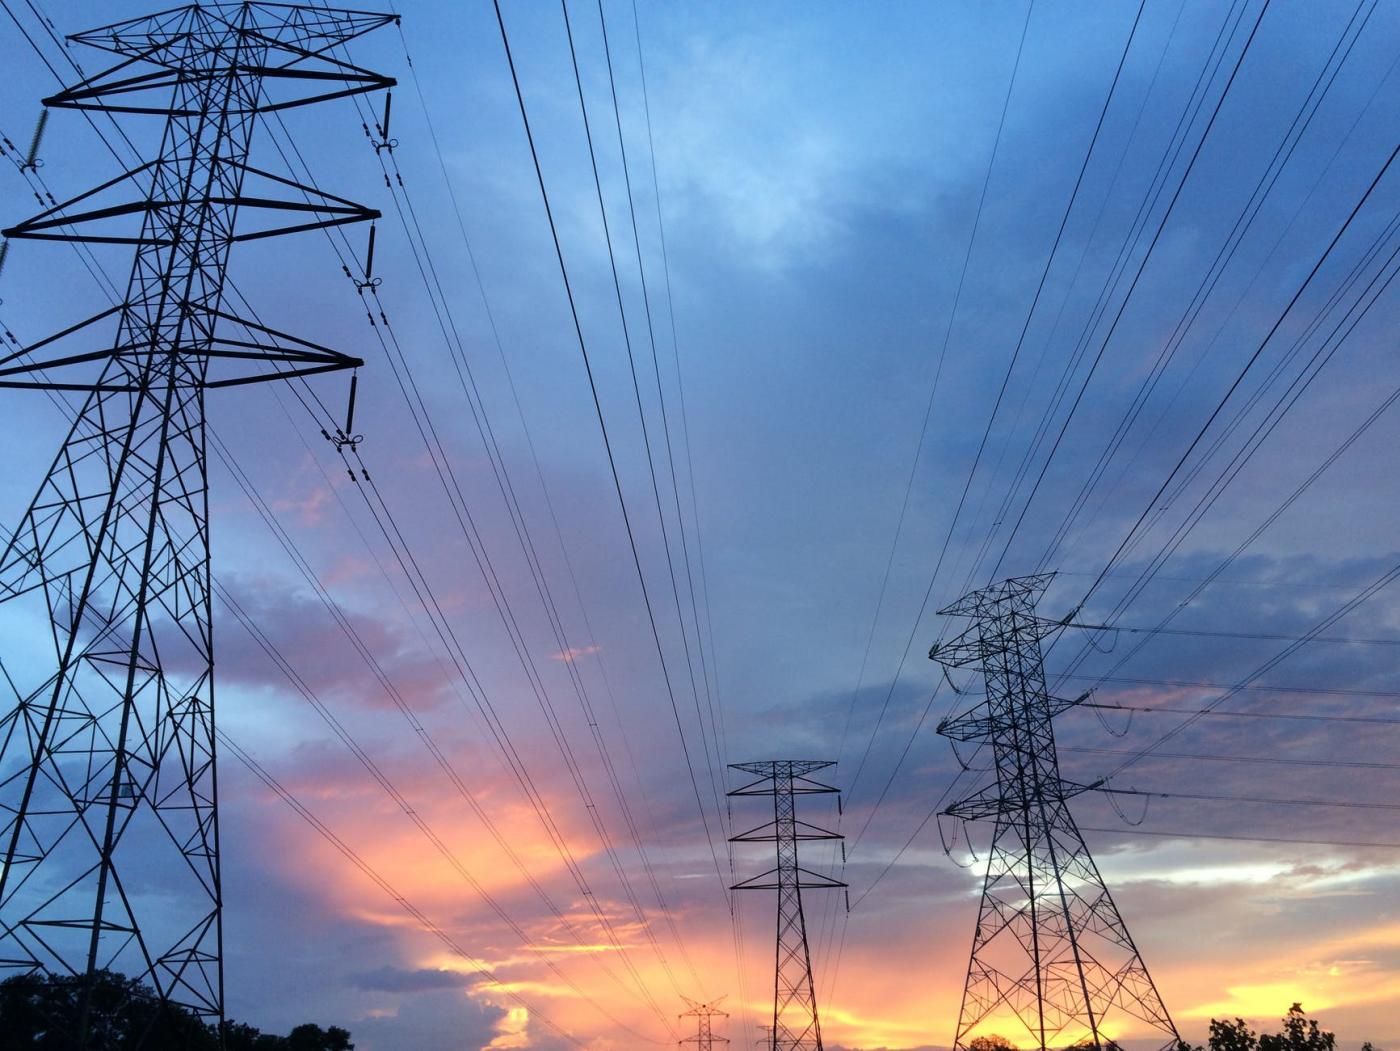 Wyłączenia prądu w Żorach. Sprawdź gdzie zabraknie prądu [25.11 - 29.11]